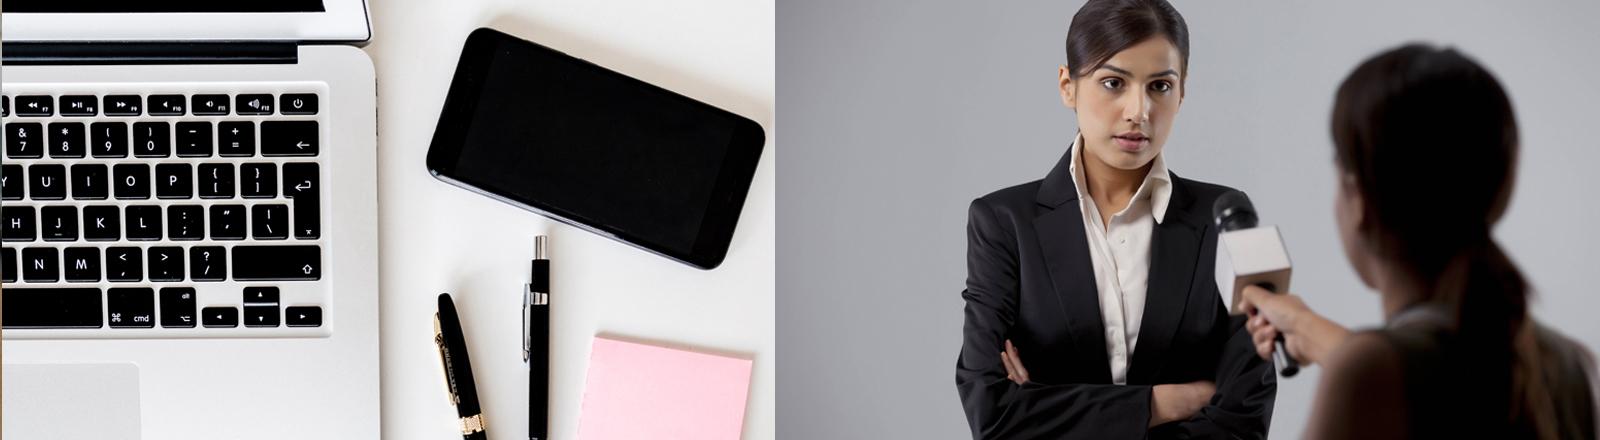 Bild 1: Ein Laptop, daneben Stifte und Smartphone. Bild 2: Eine Reporterin führt ein Interview mit einer Businessfrau, einer Expertin.